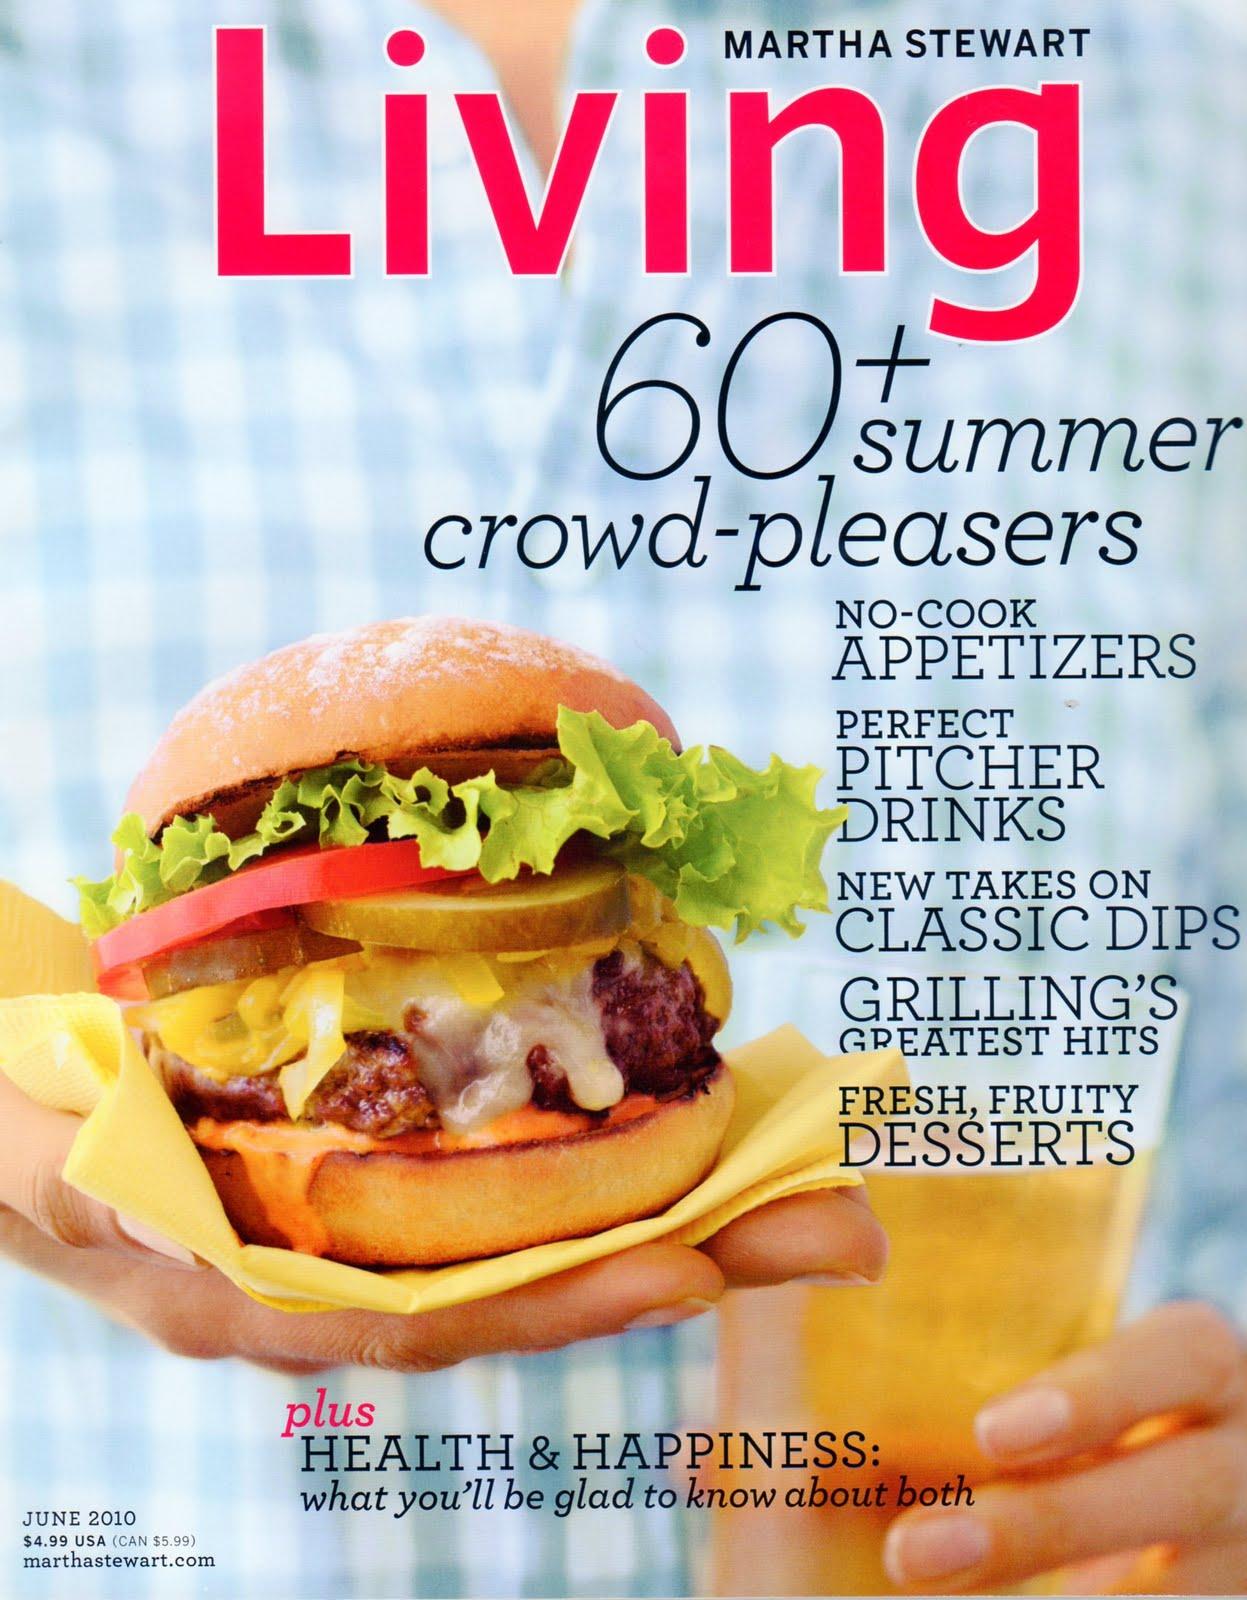 martha stewart magazine subscription